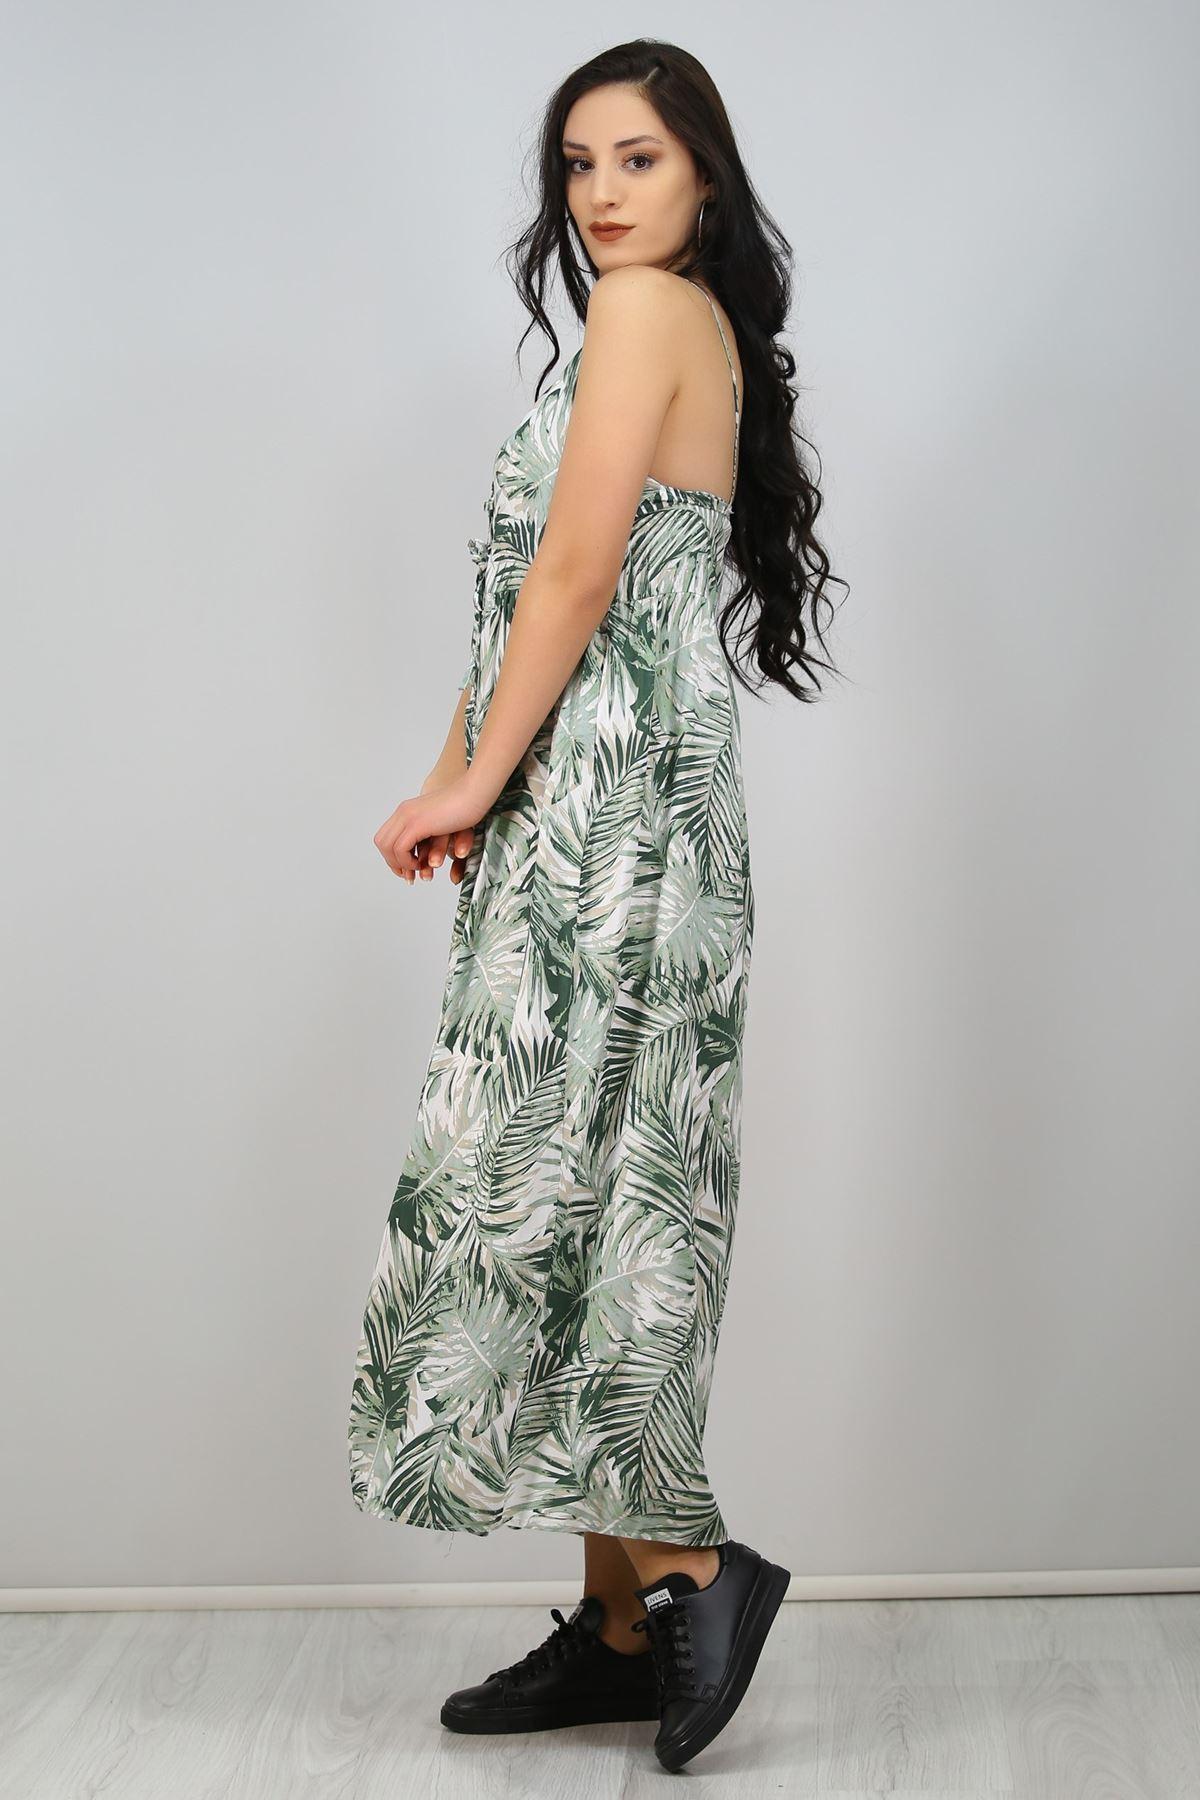 İp Askılı Bağcıklı Elbise Yeşil - 6592.1293.